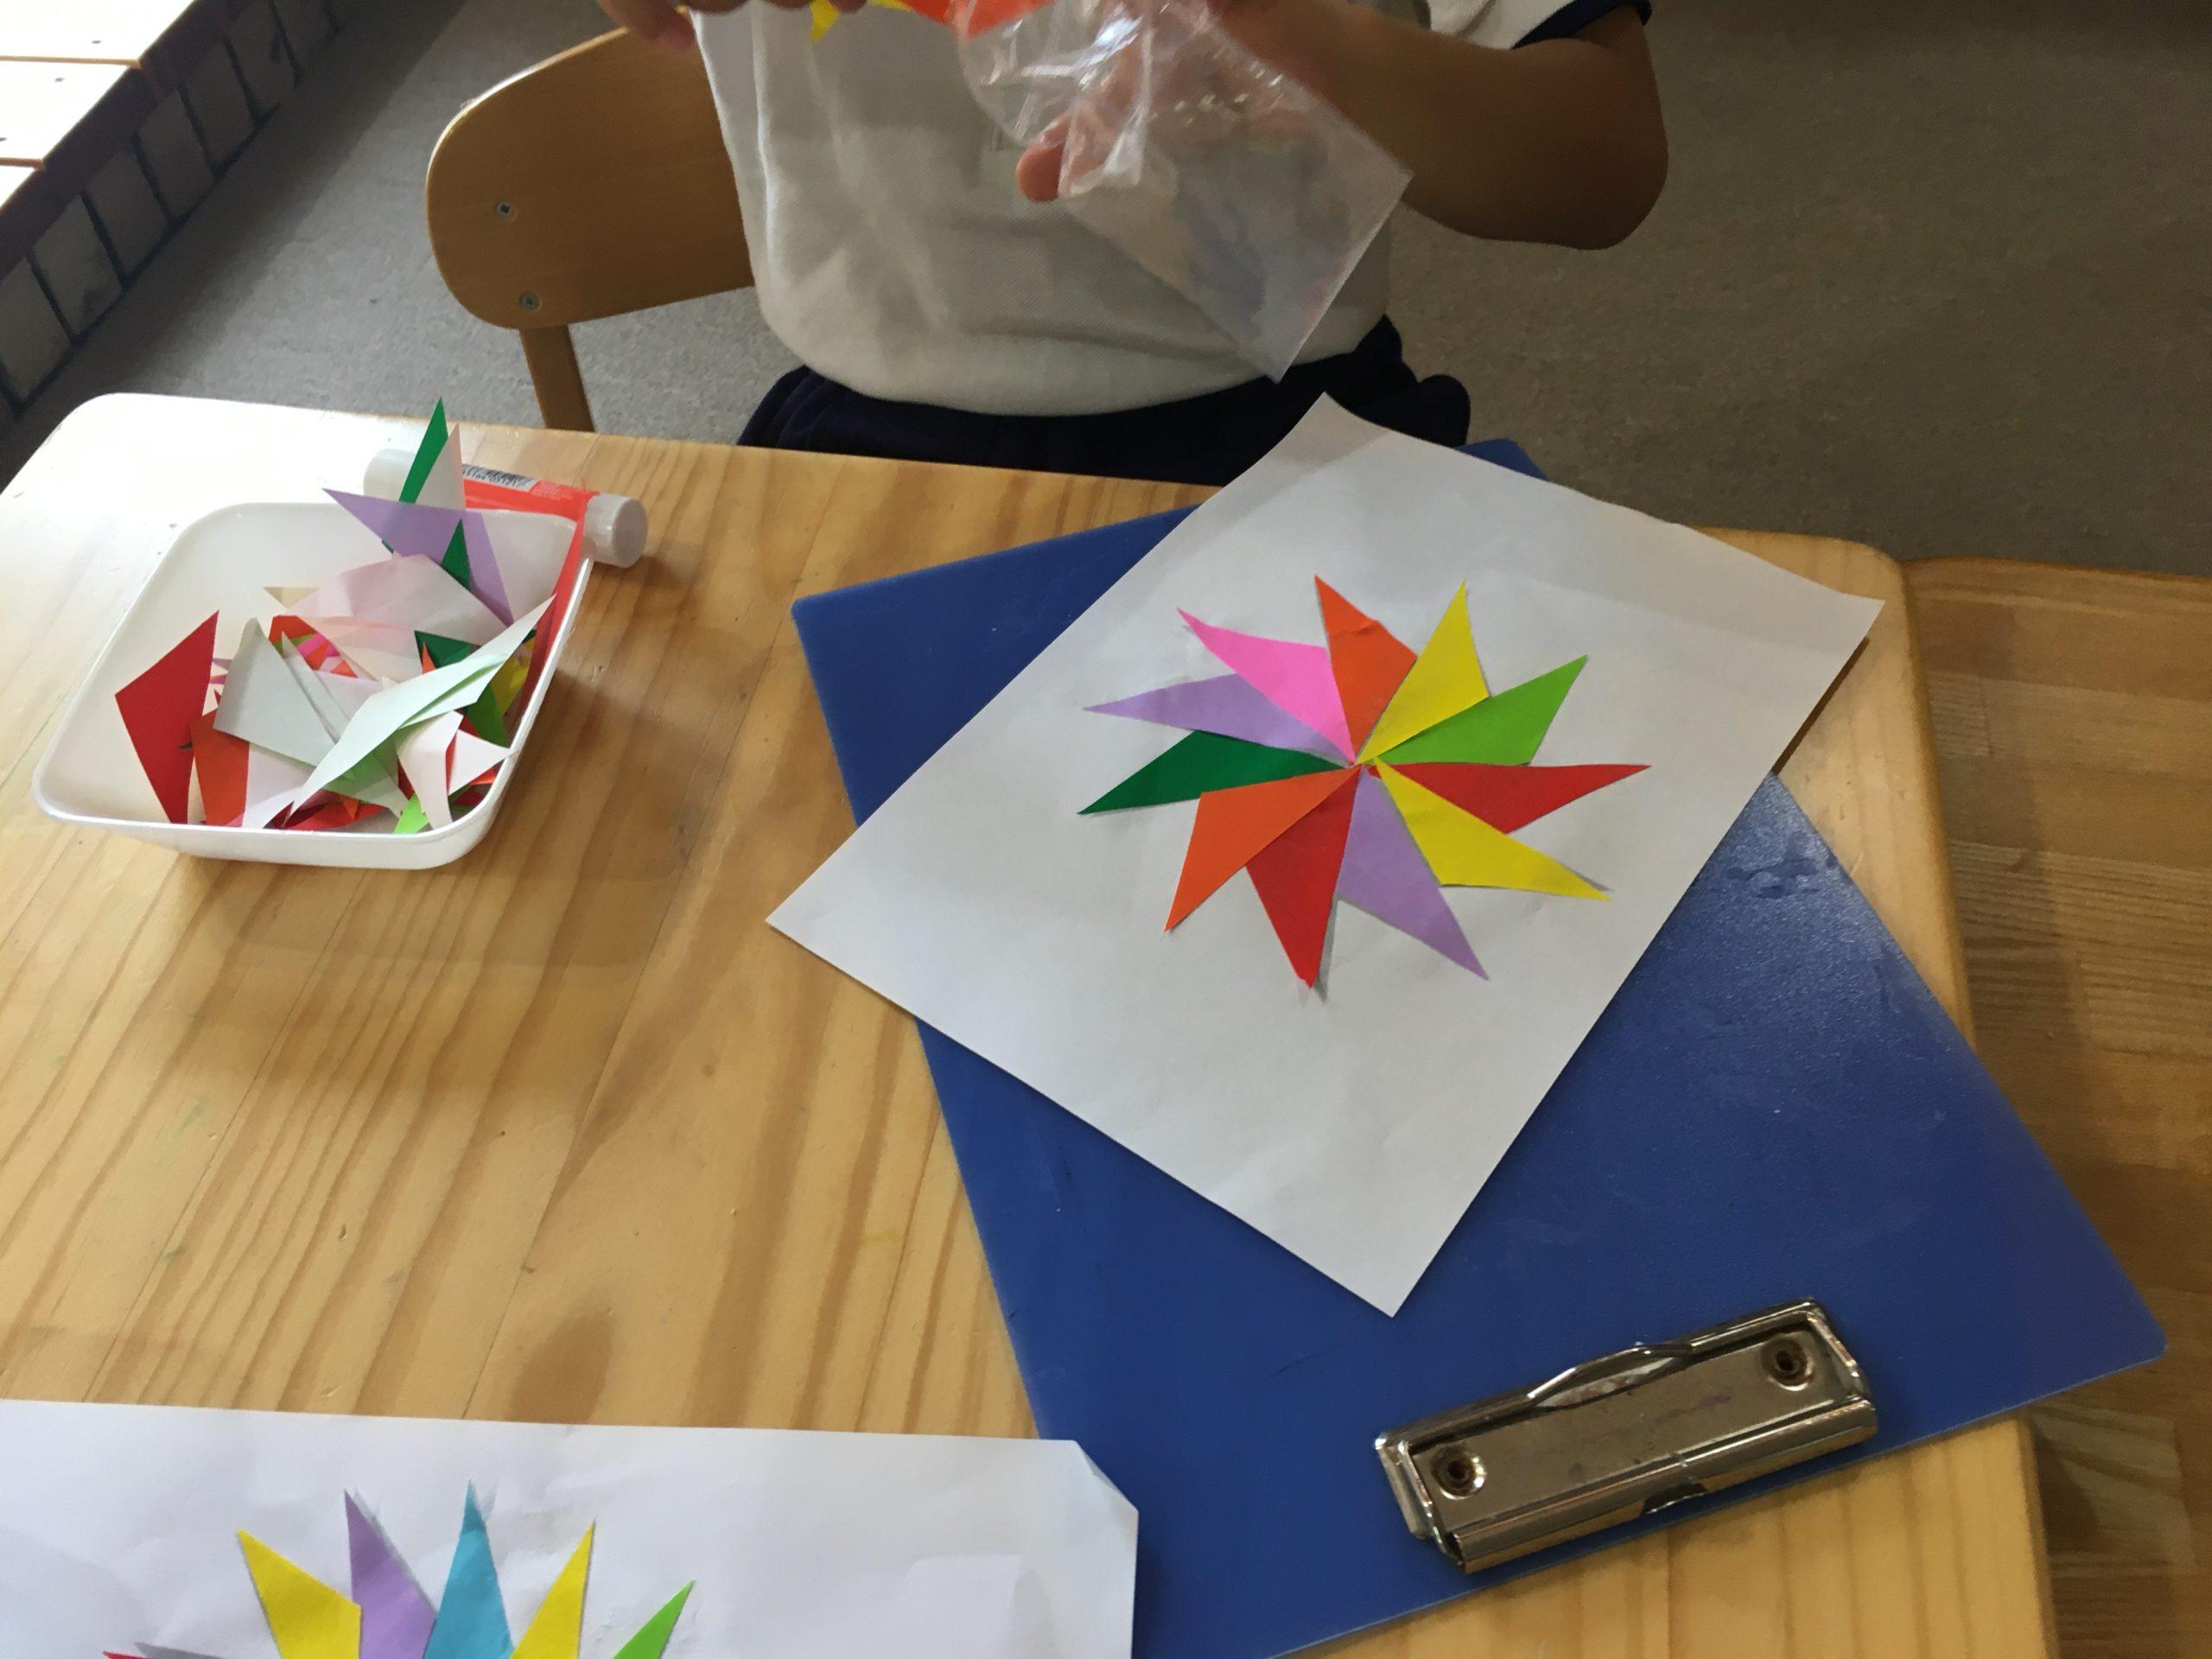 三角形のお仕事